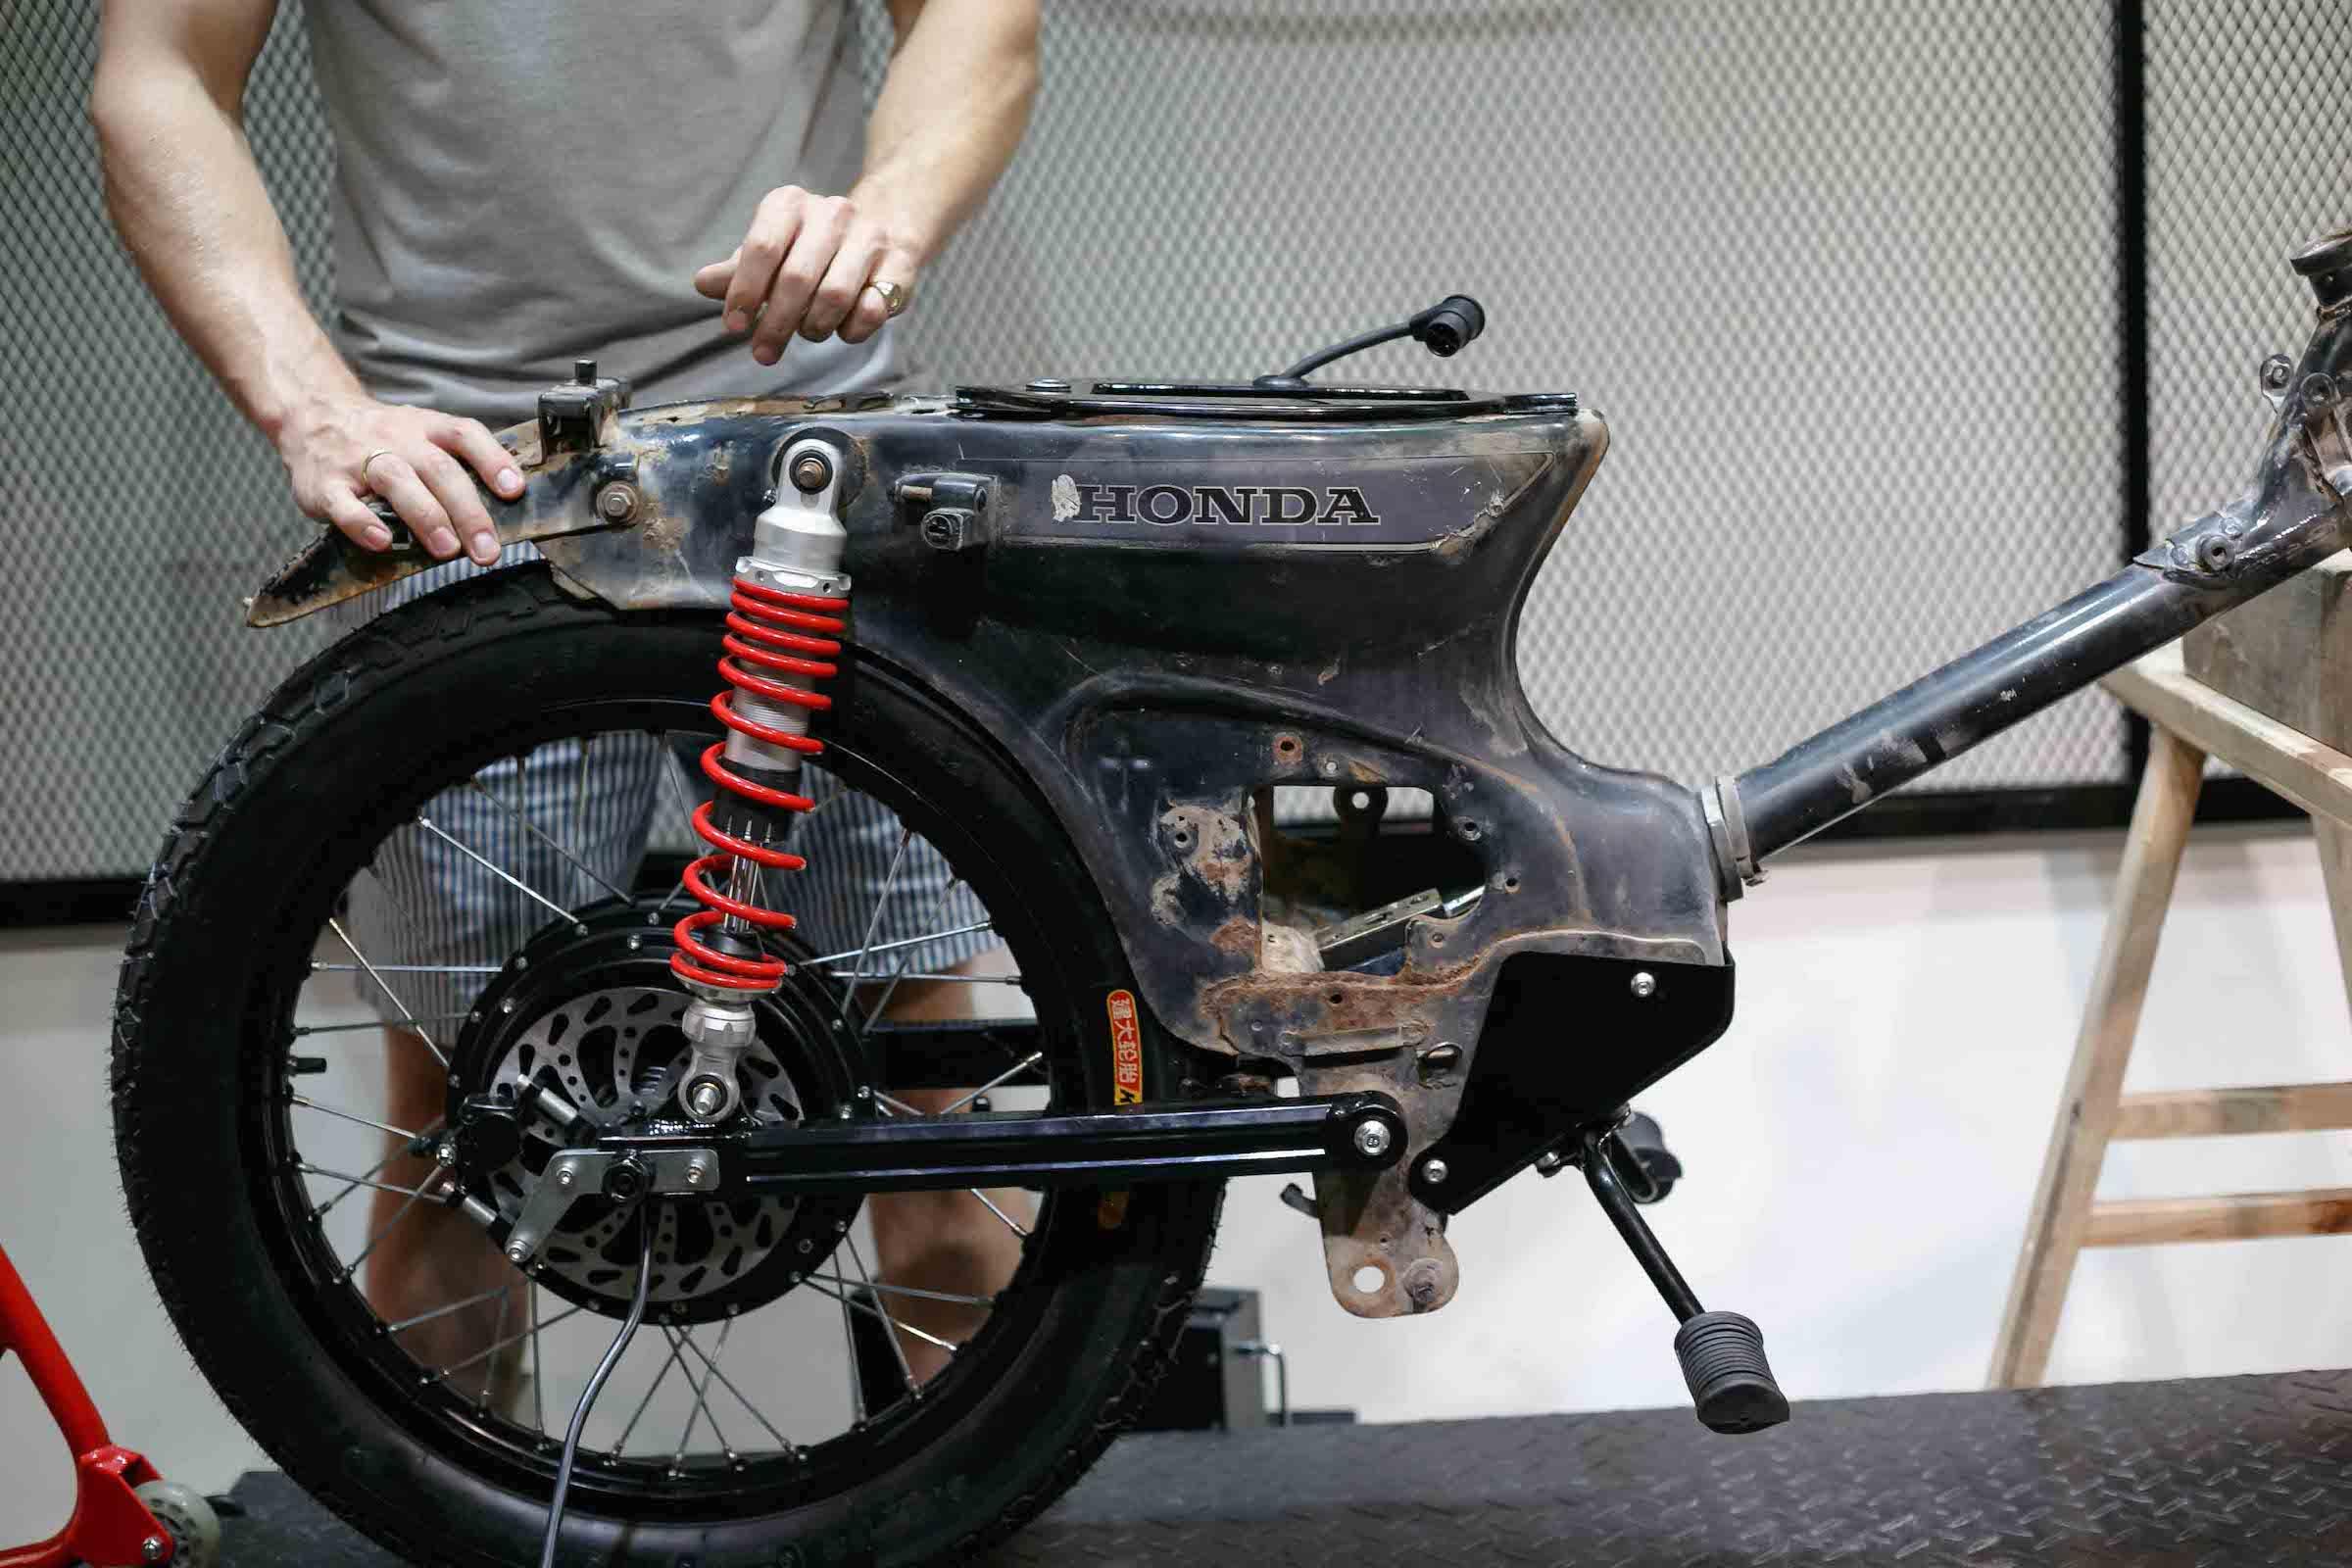 Honda eCub - A Honda Cub Electric Conversion Kit By Shanghai Customs